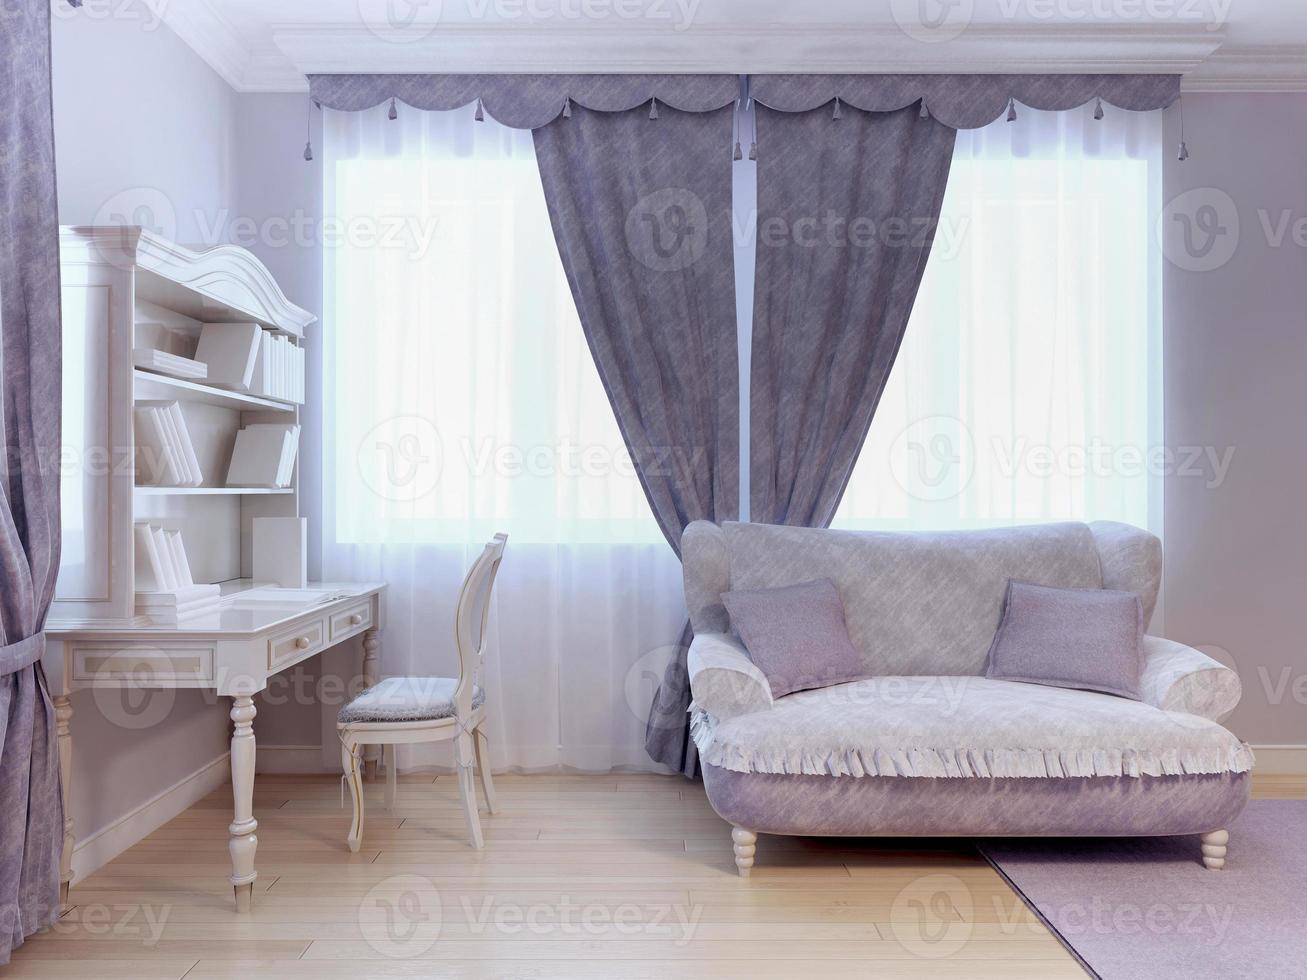 sofá y escritorio en dormitorio foto